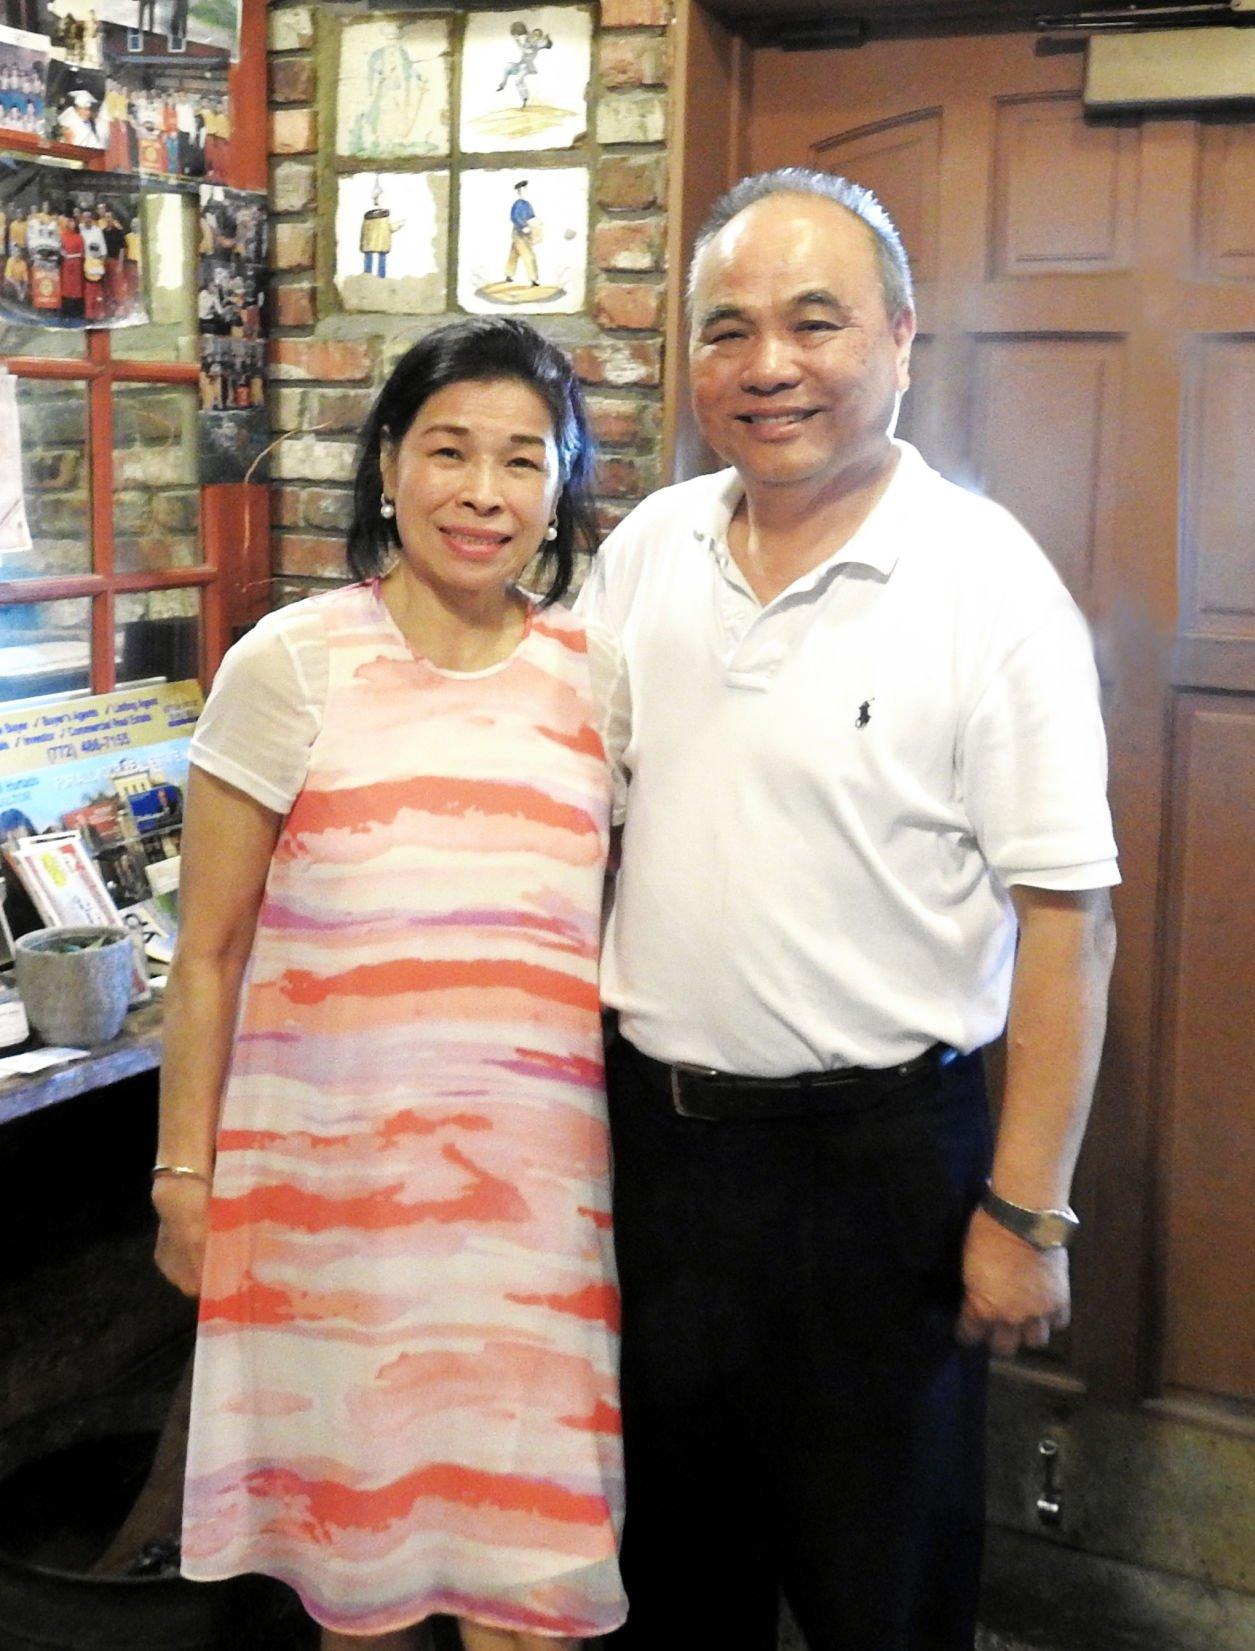 Szechuan Palace owners Sue Fen Liang and John Liang